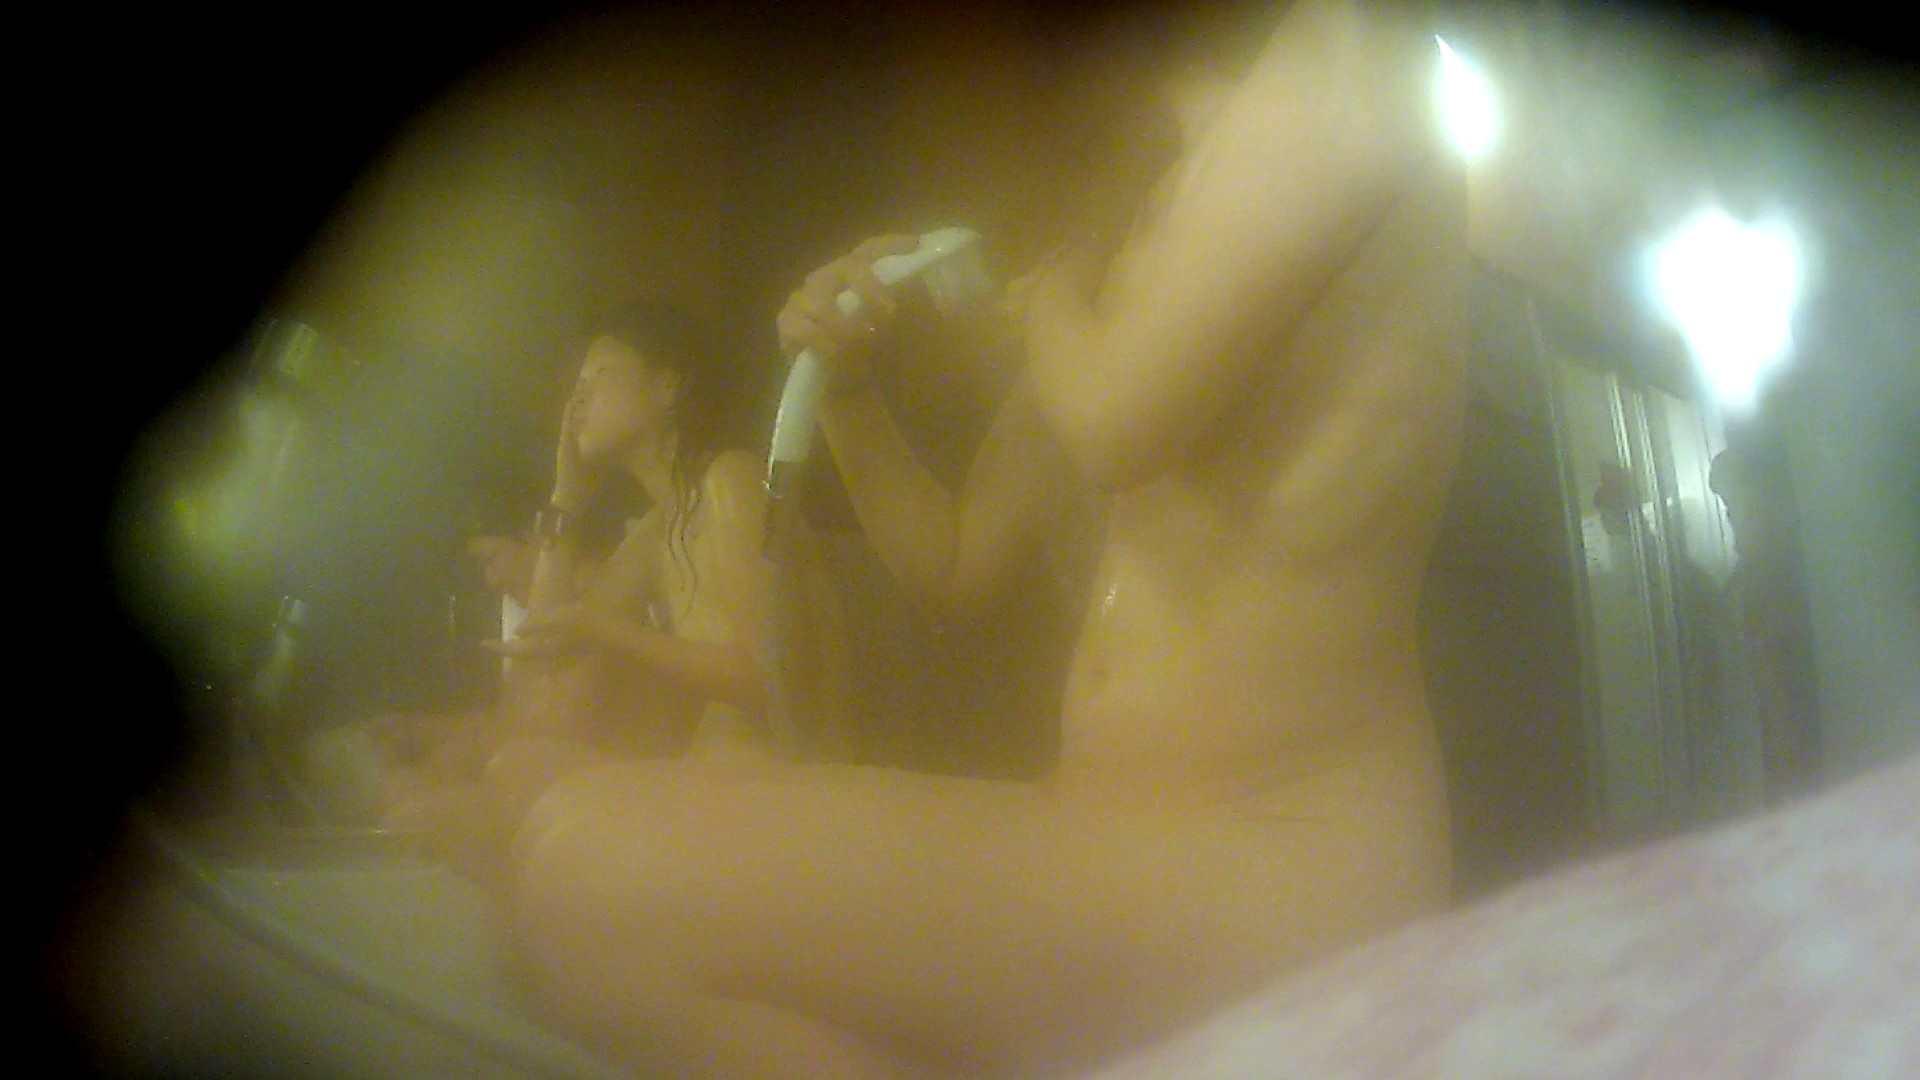 洗い場!前半のモヤを吹き飛ばす美貧乳お嬢さん 潜入 ヌード画像 70画像 5